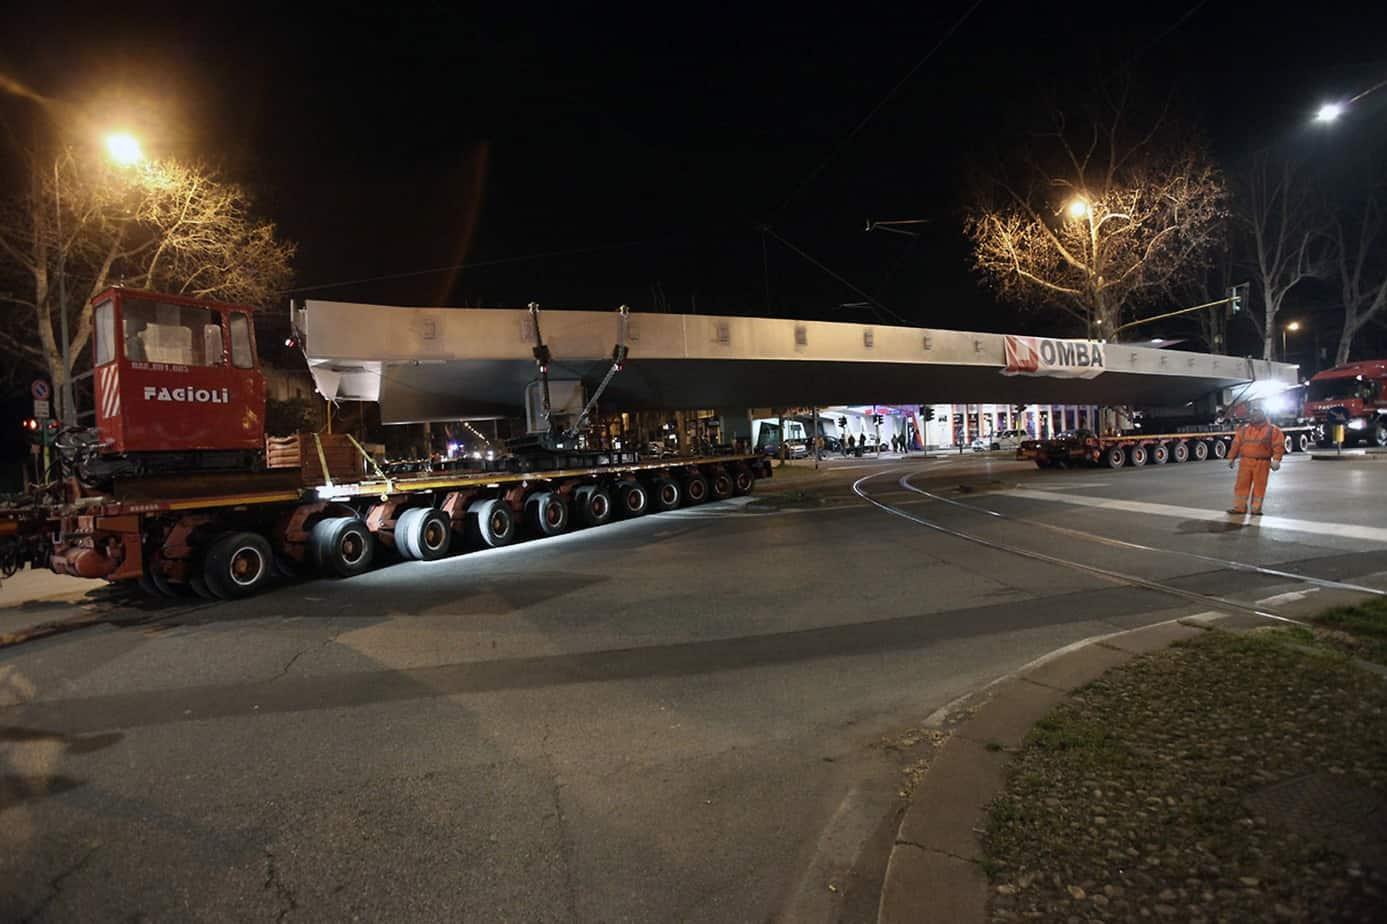 Il trasporto in notturna dei conci di 34 m della passerella: in evidenza i due camion da 11 assi della Ditta Fagioli